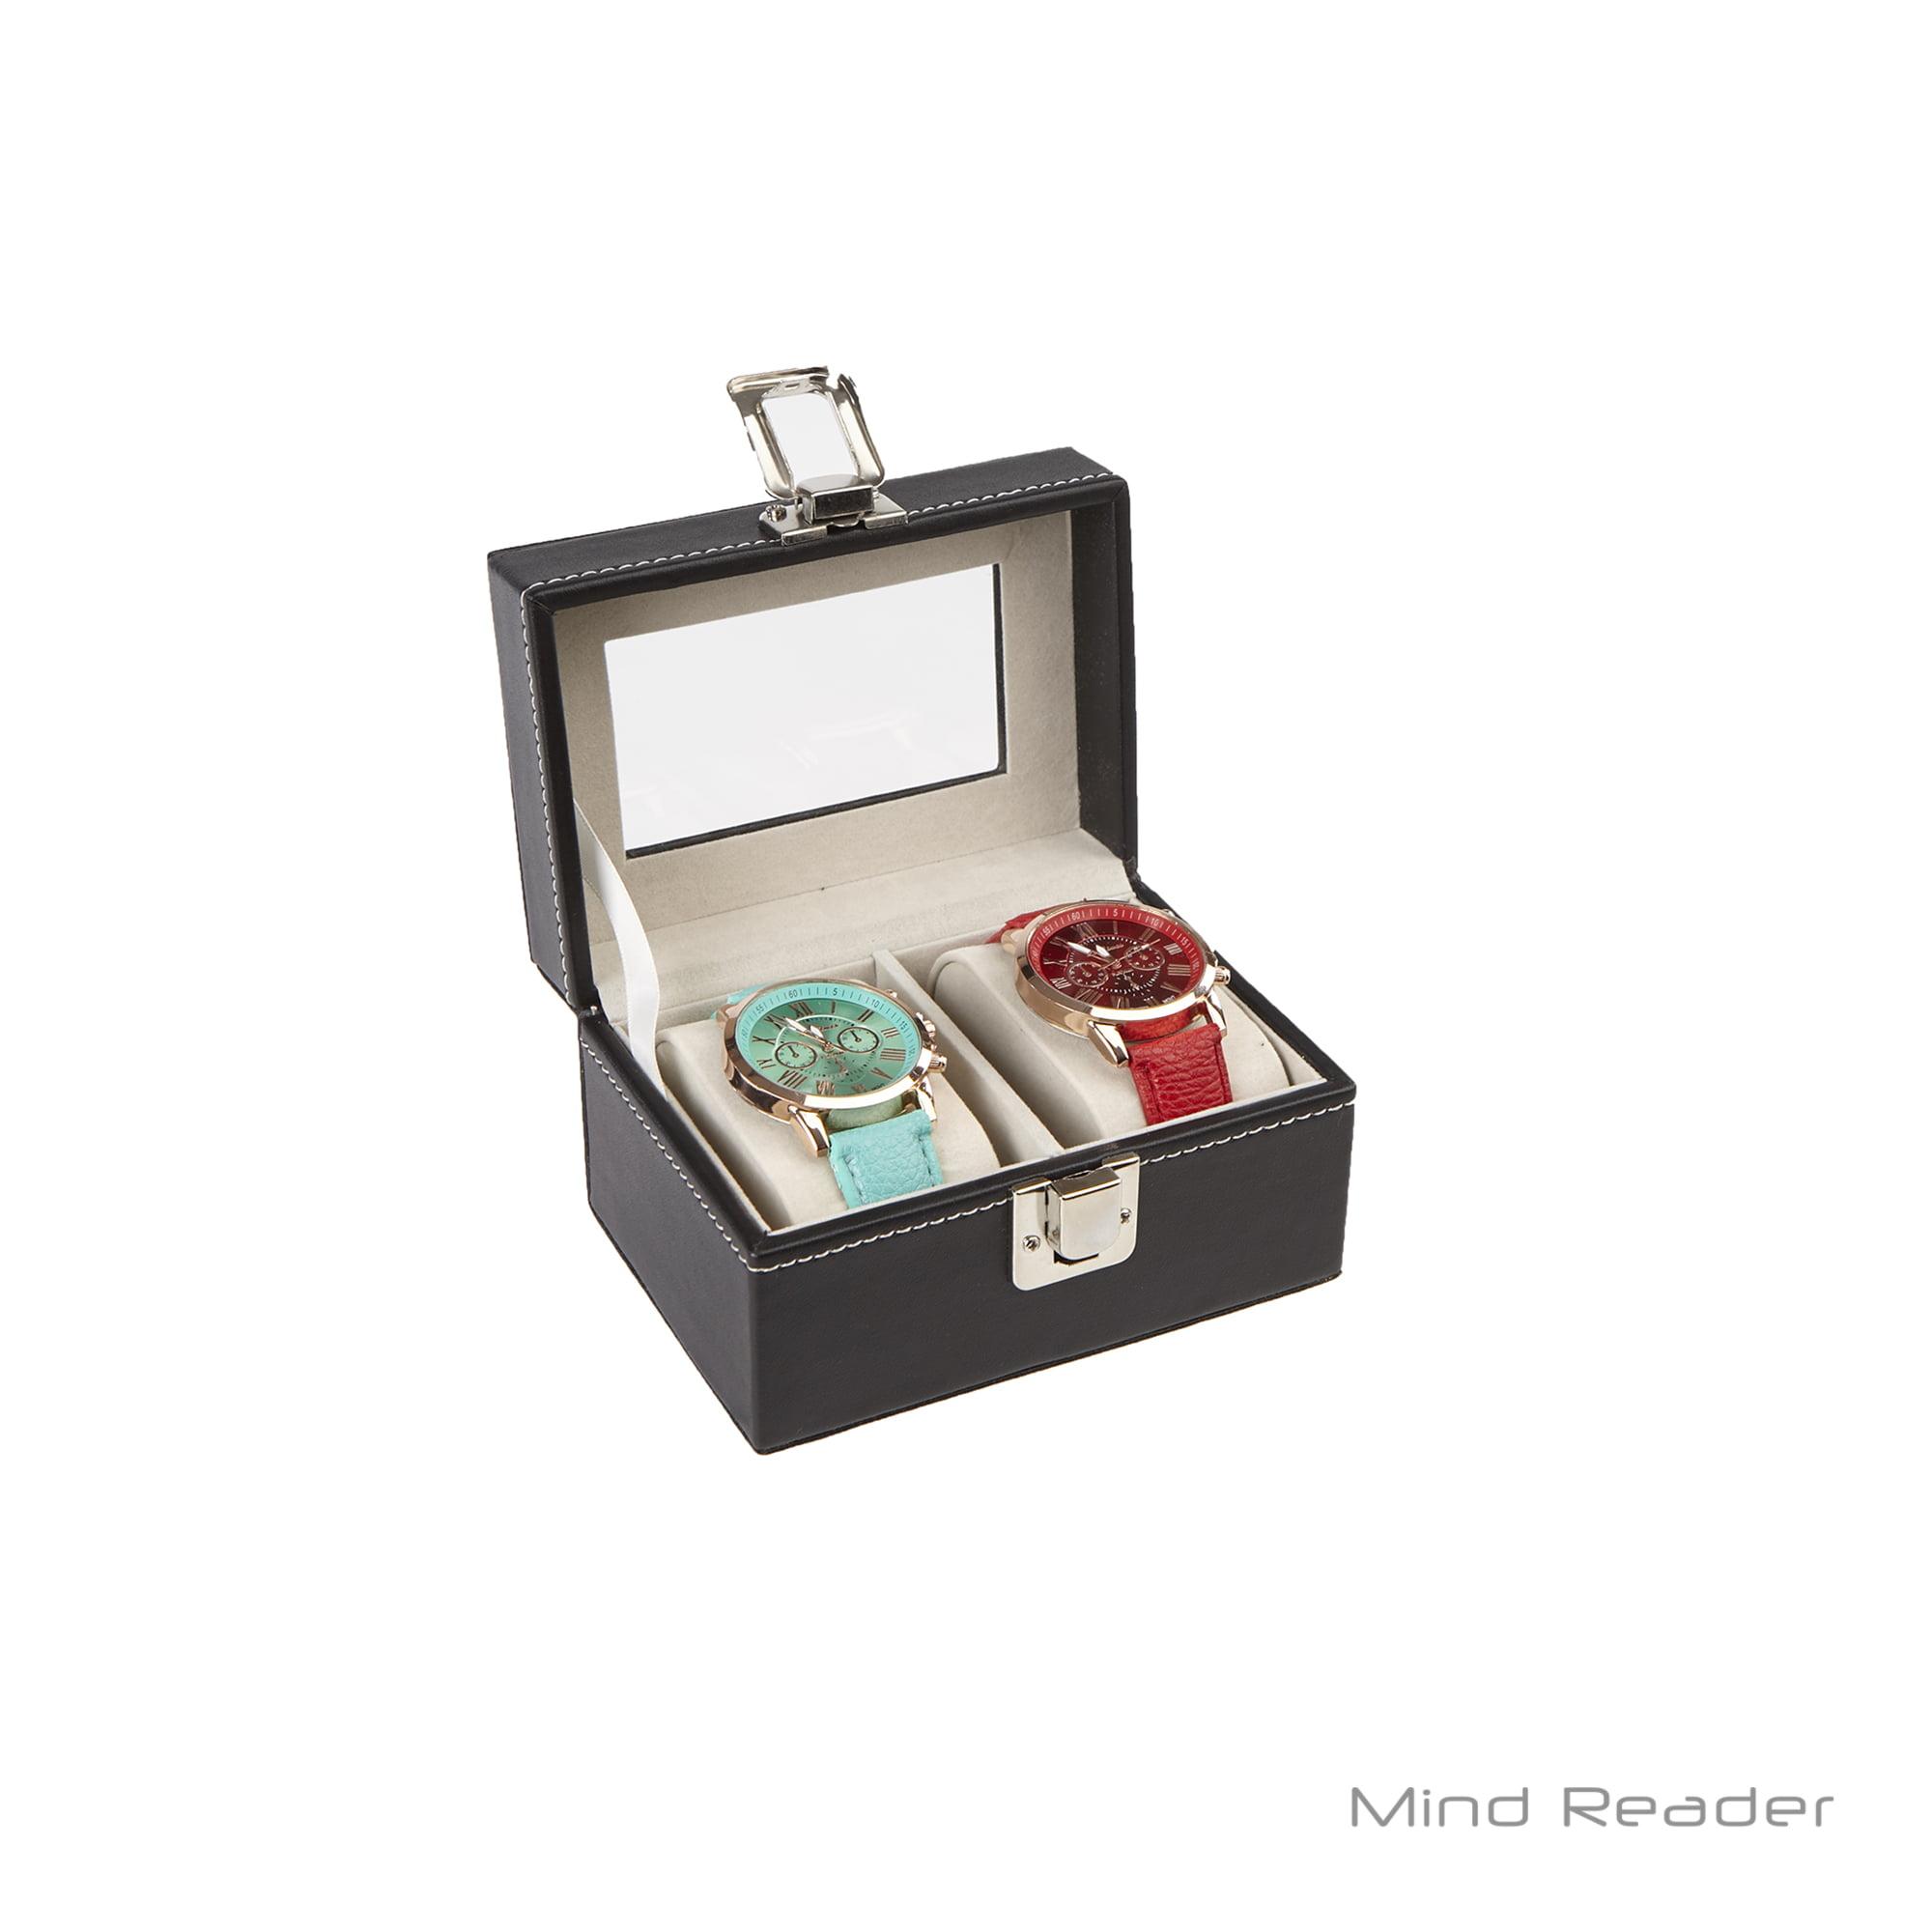 Mind Reader Watch Box Organizer Case Fits 2 Watches Mens Jewelry